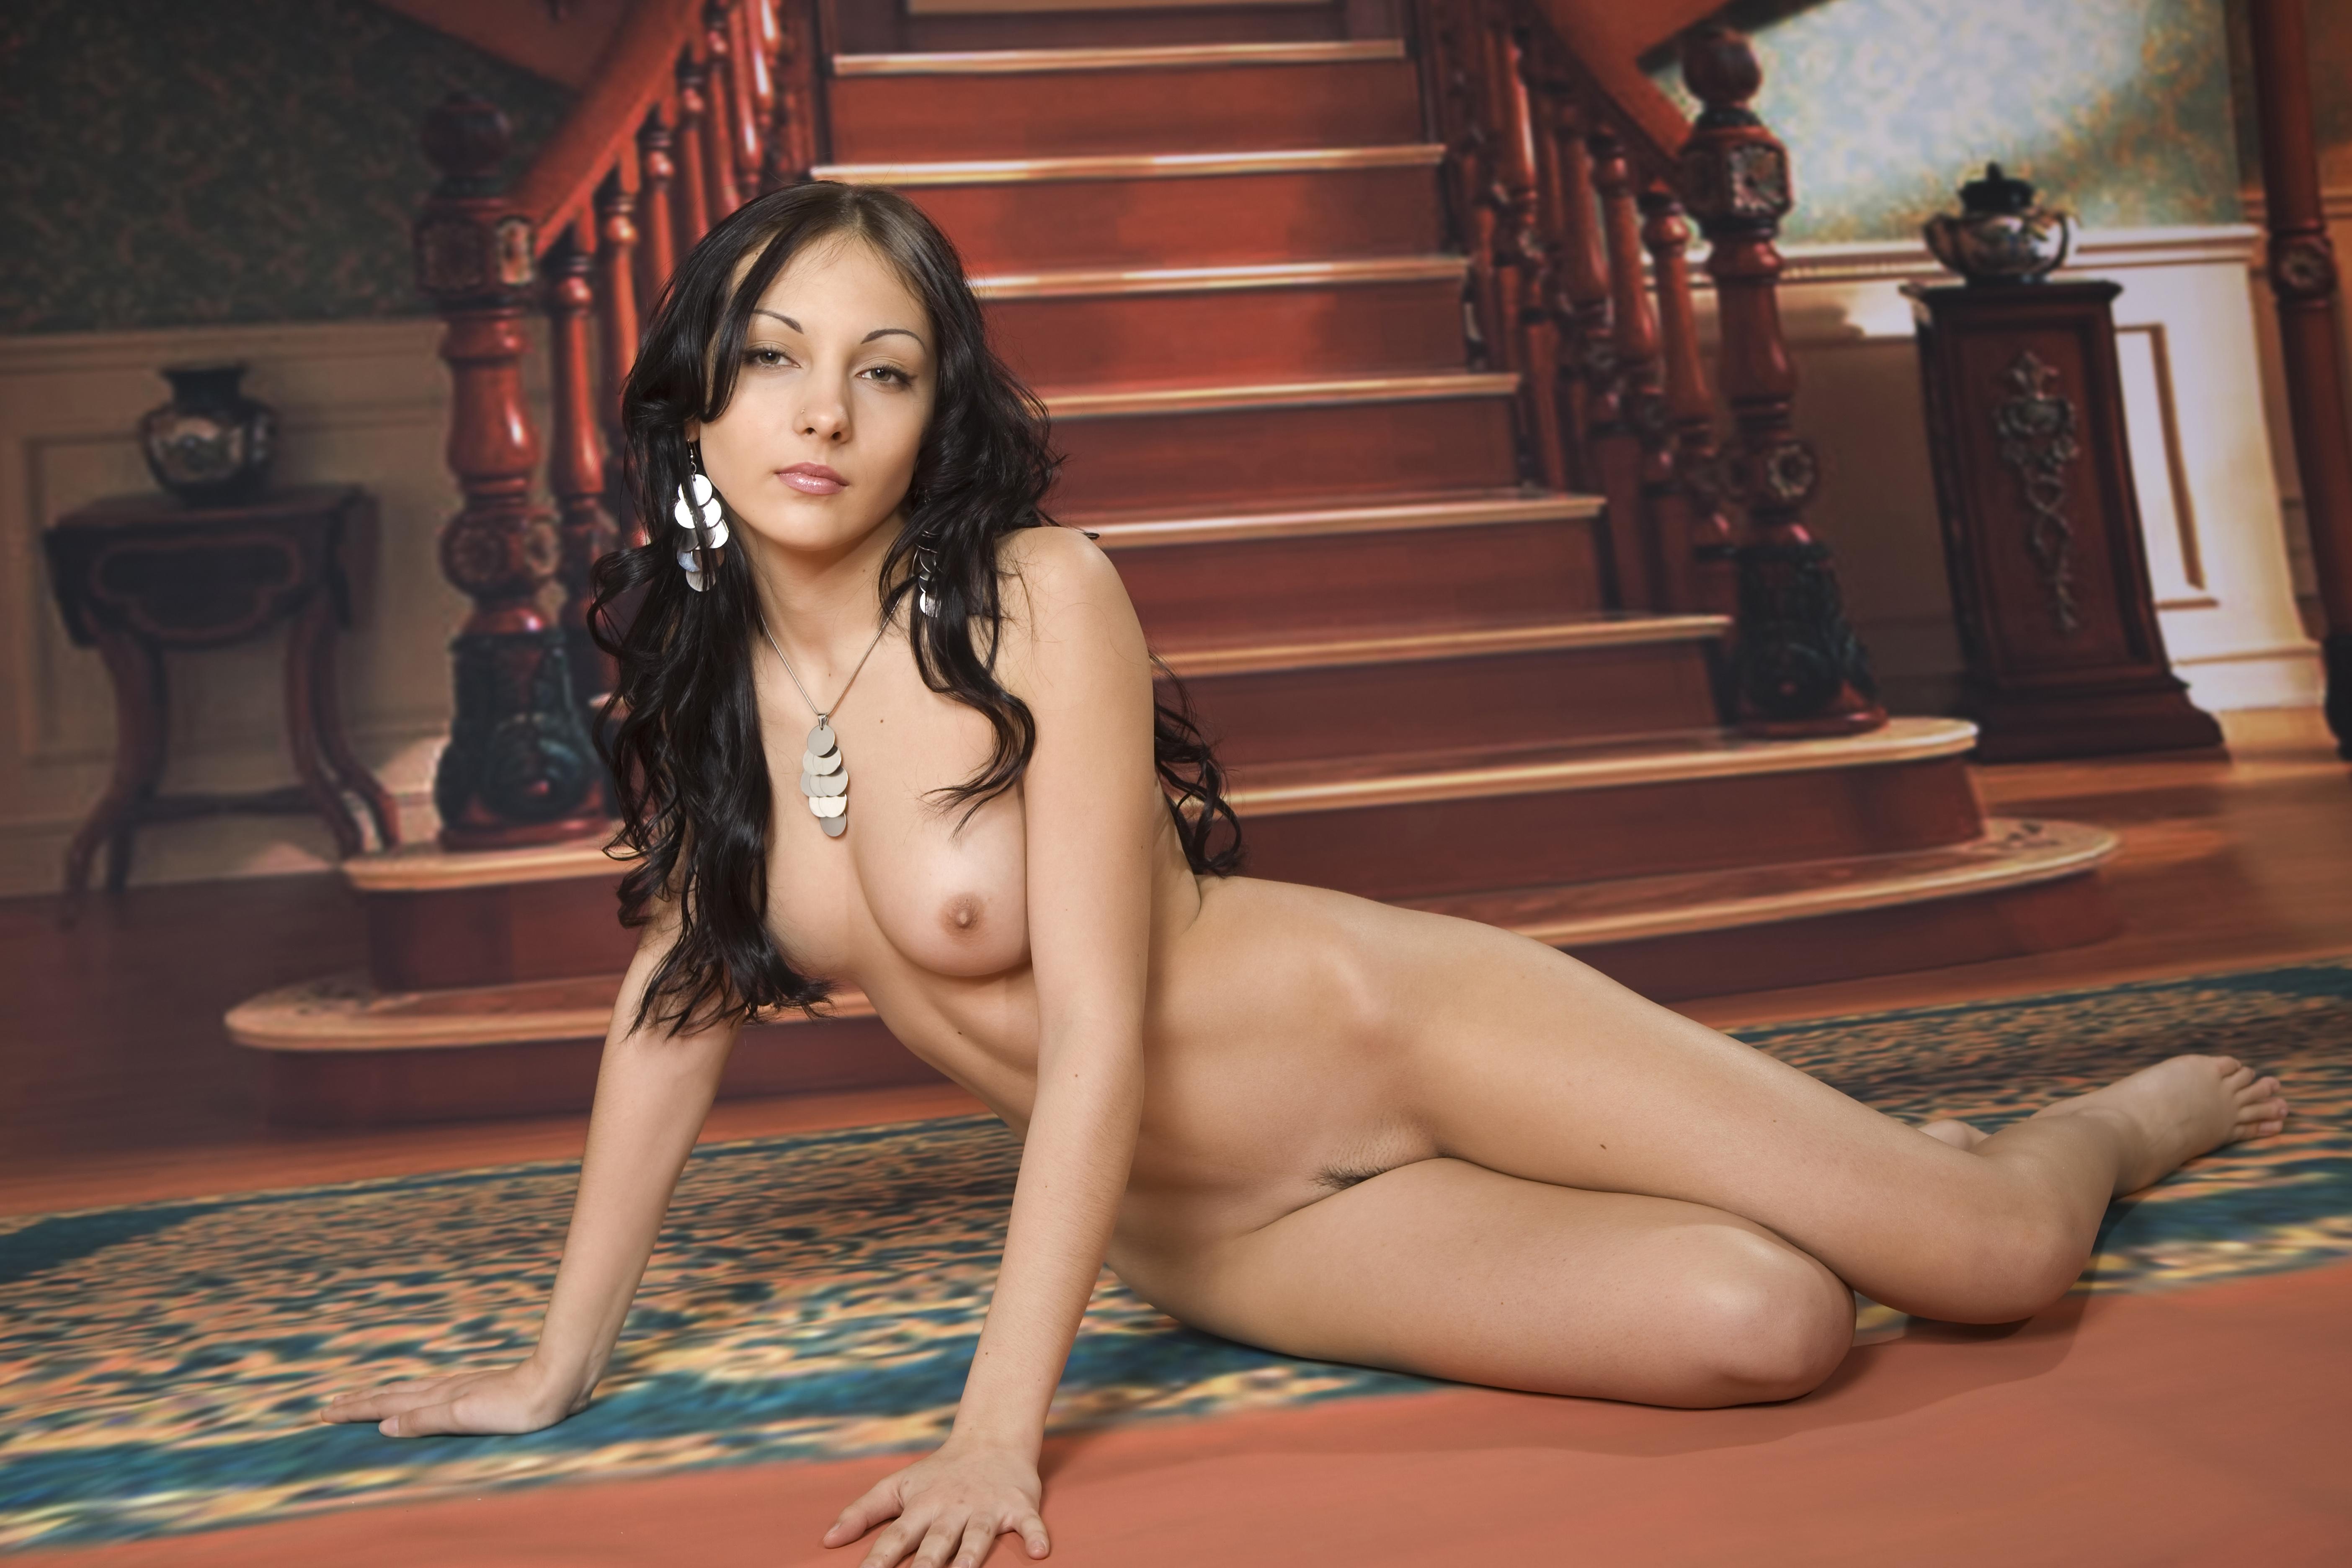 Екб молодые русские эротические артисты фото писек близи